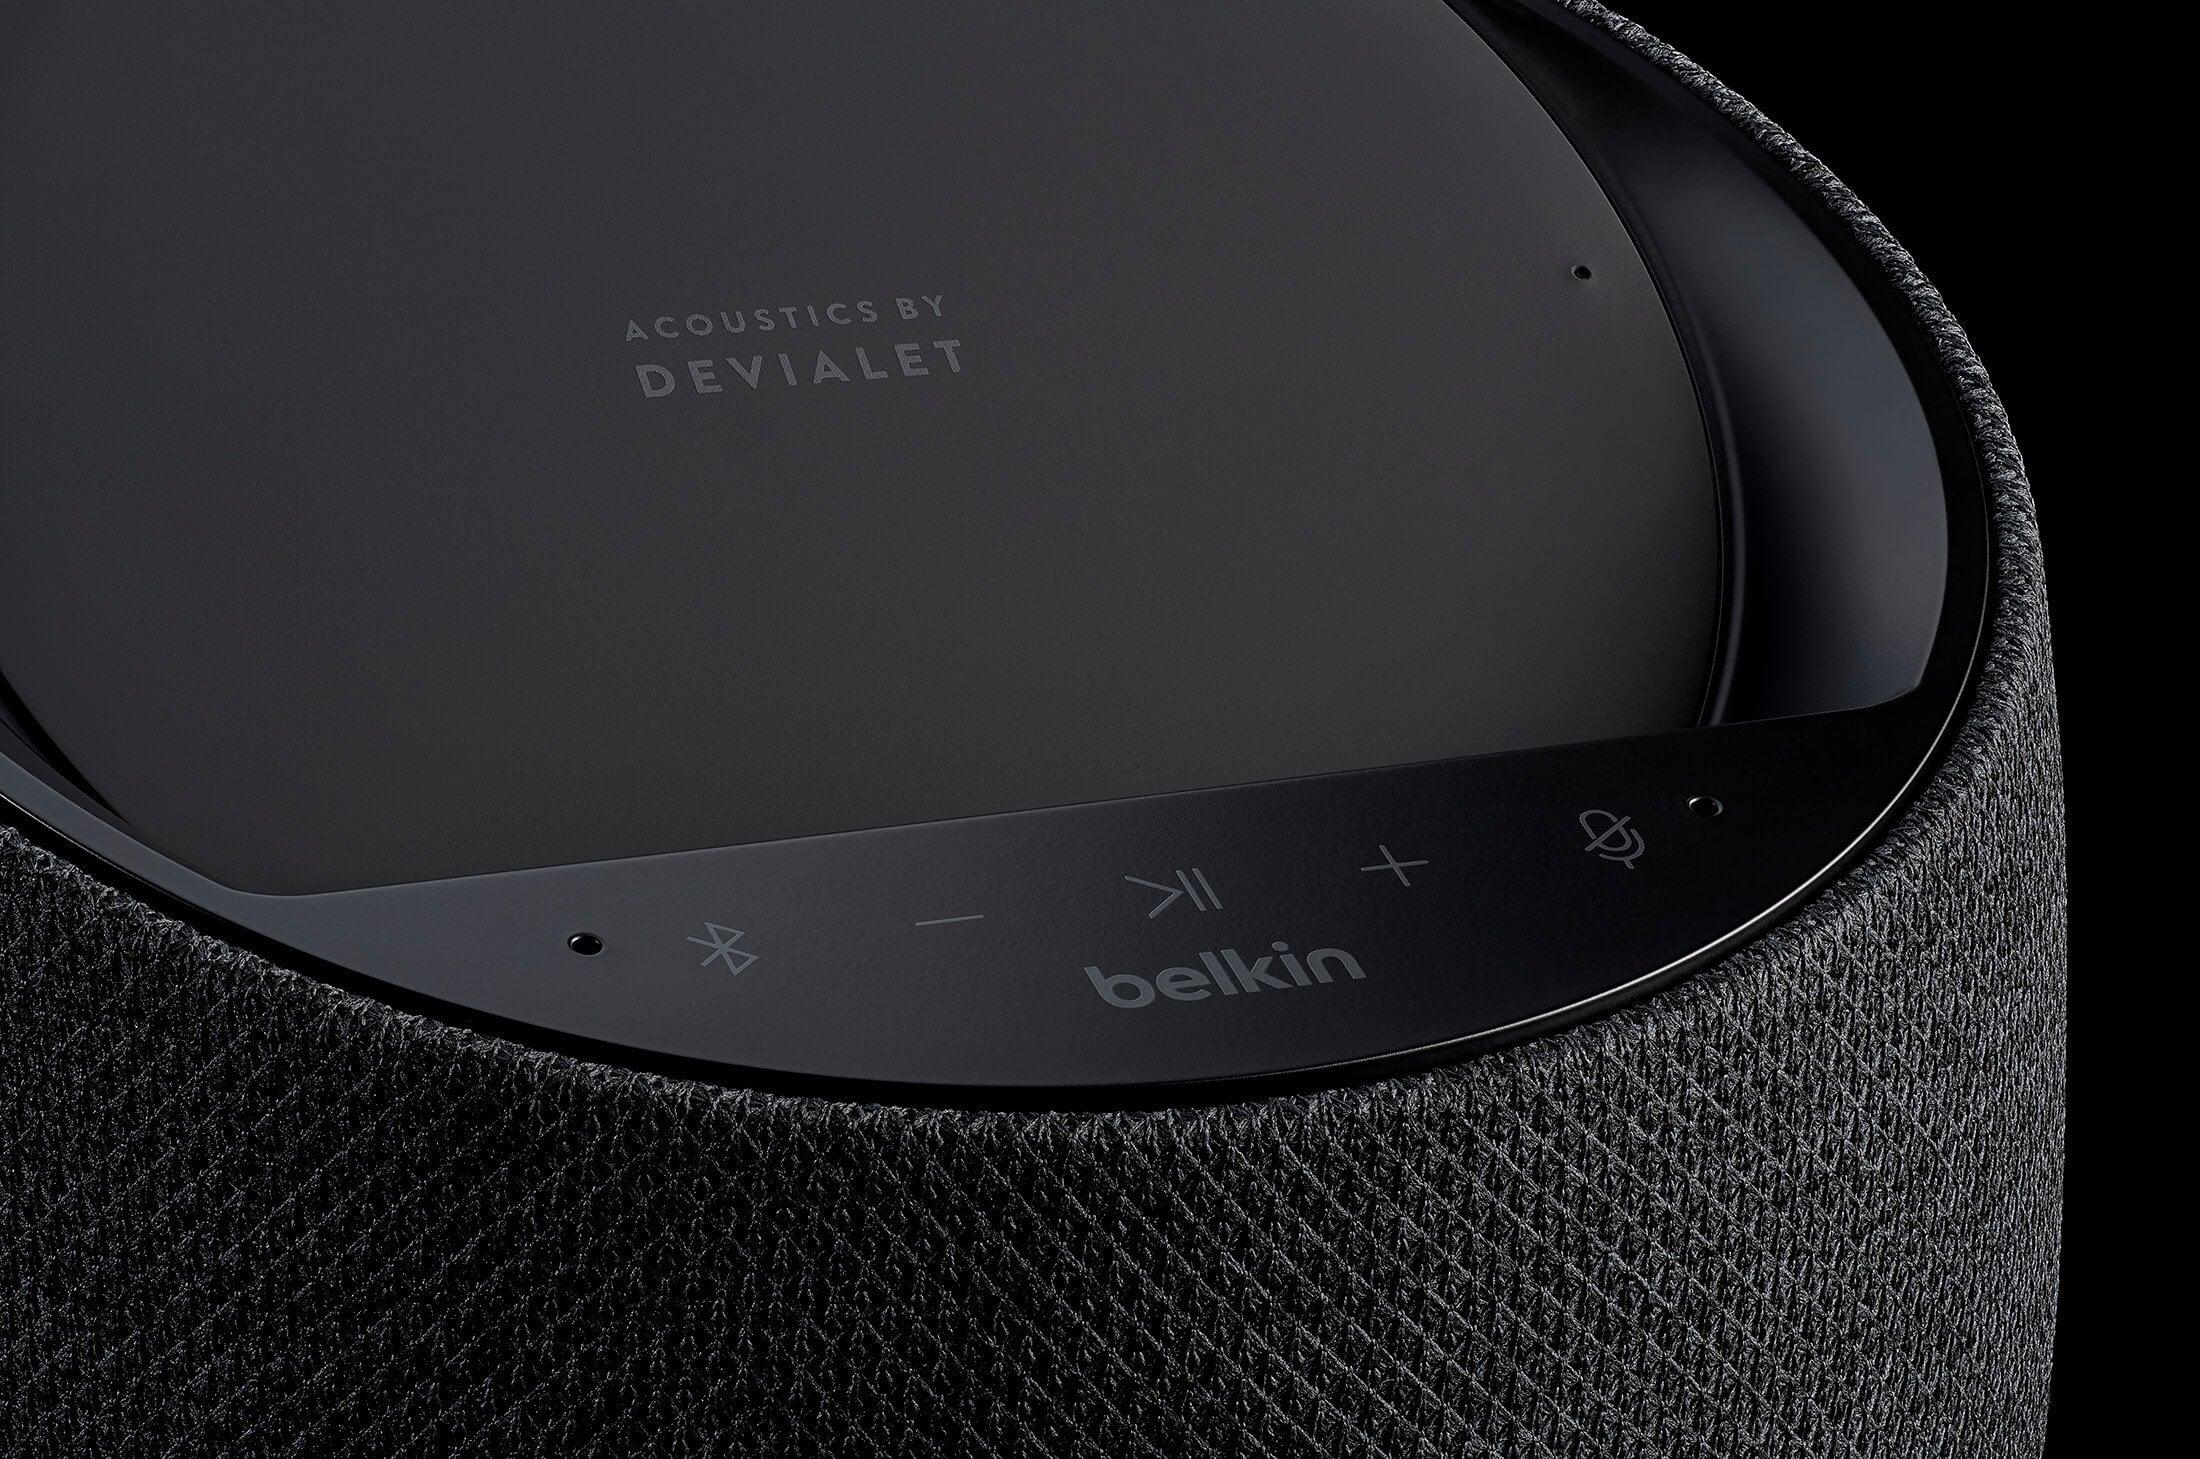 Belkin und Devialet stellen auf der CES 2020 intelligenten HiFi-Lautsprecher mit drahtloser Ladefunktion vor 3 techboys.de • smarte News, auf den Punkt! Belkin und Devialet stellen auf der CES 2020 intelligenten HiFi-Lautsprecher mit drahtloser Ladefunktion vor